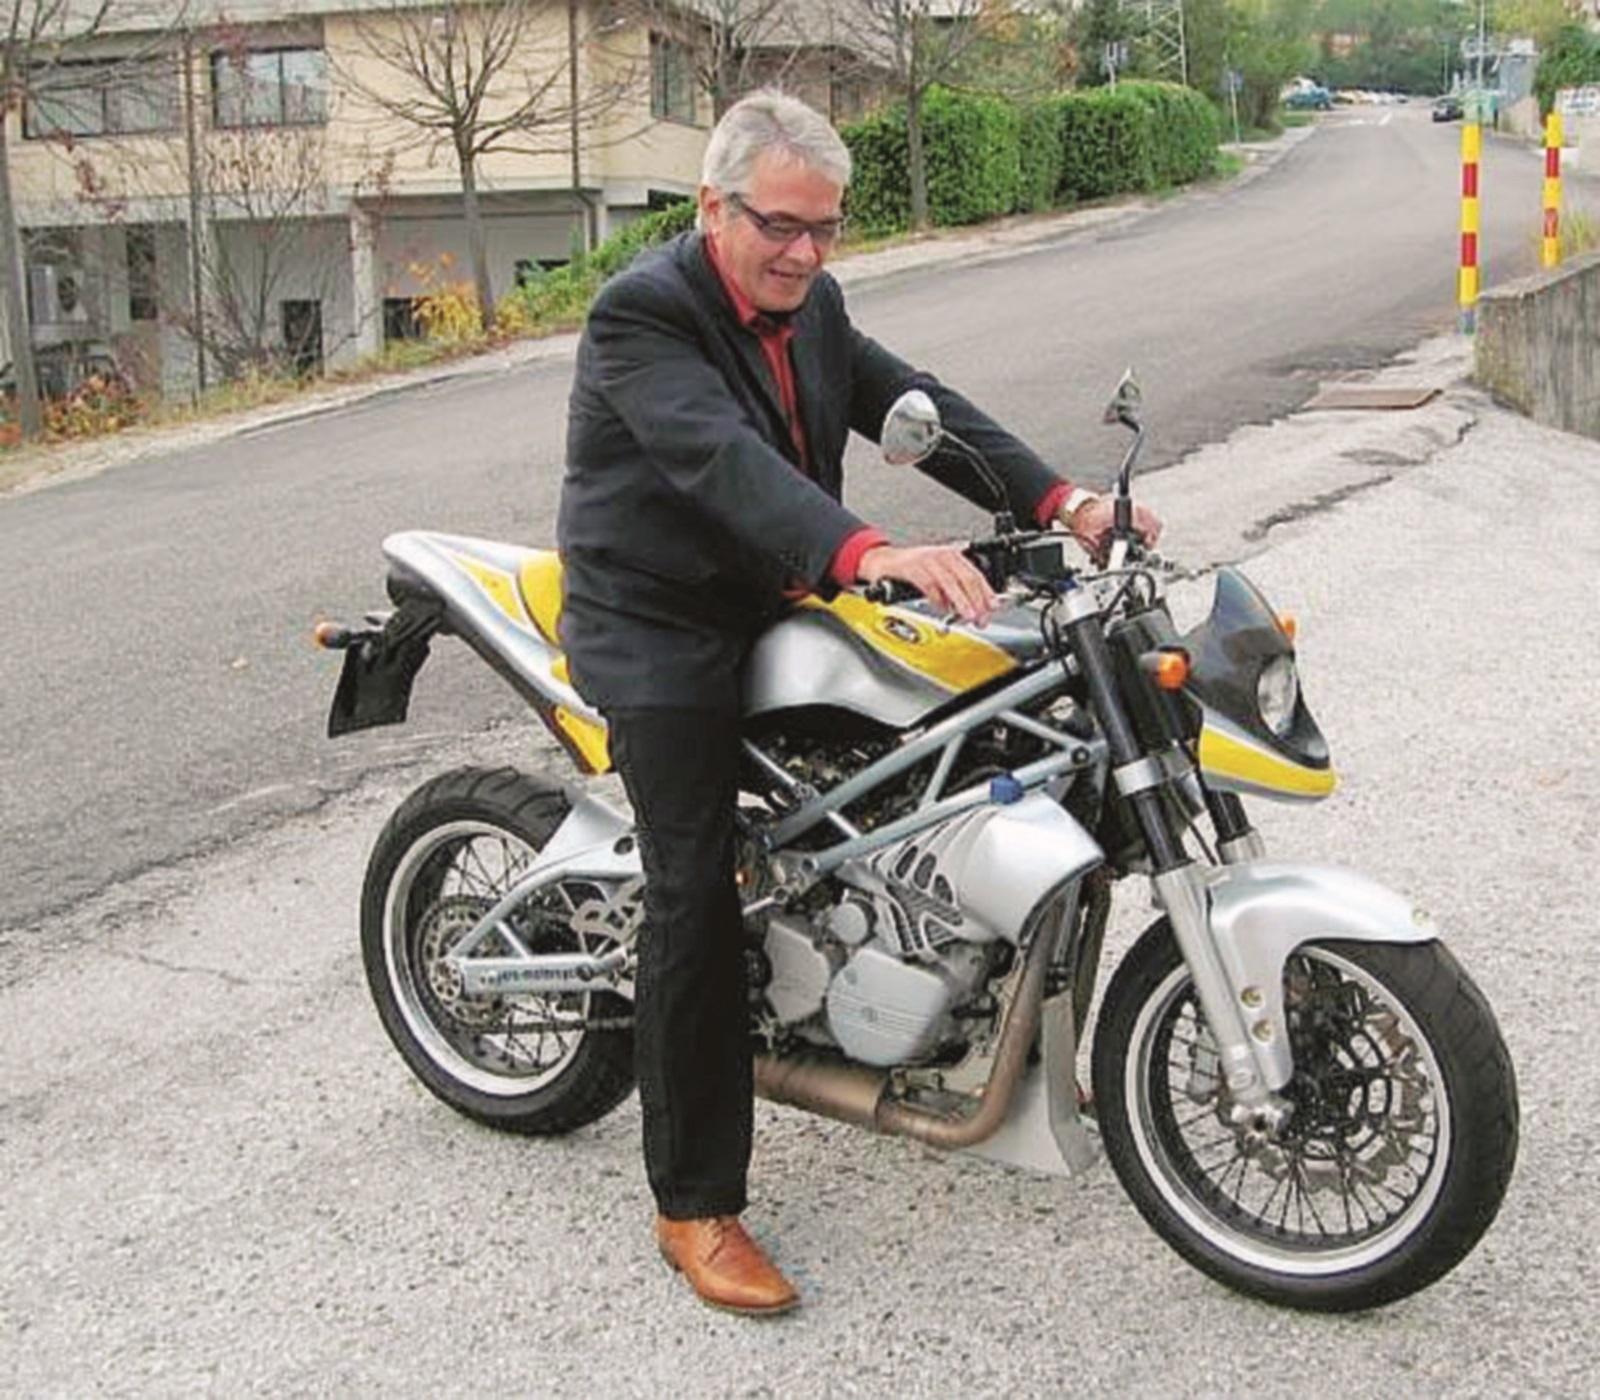 In vista del MotoGp Rimini rende omaggio al designer Massimo Tamburini